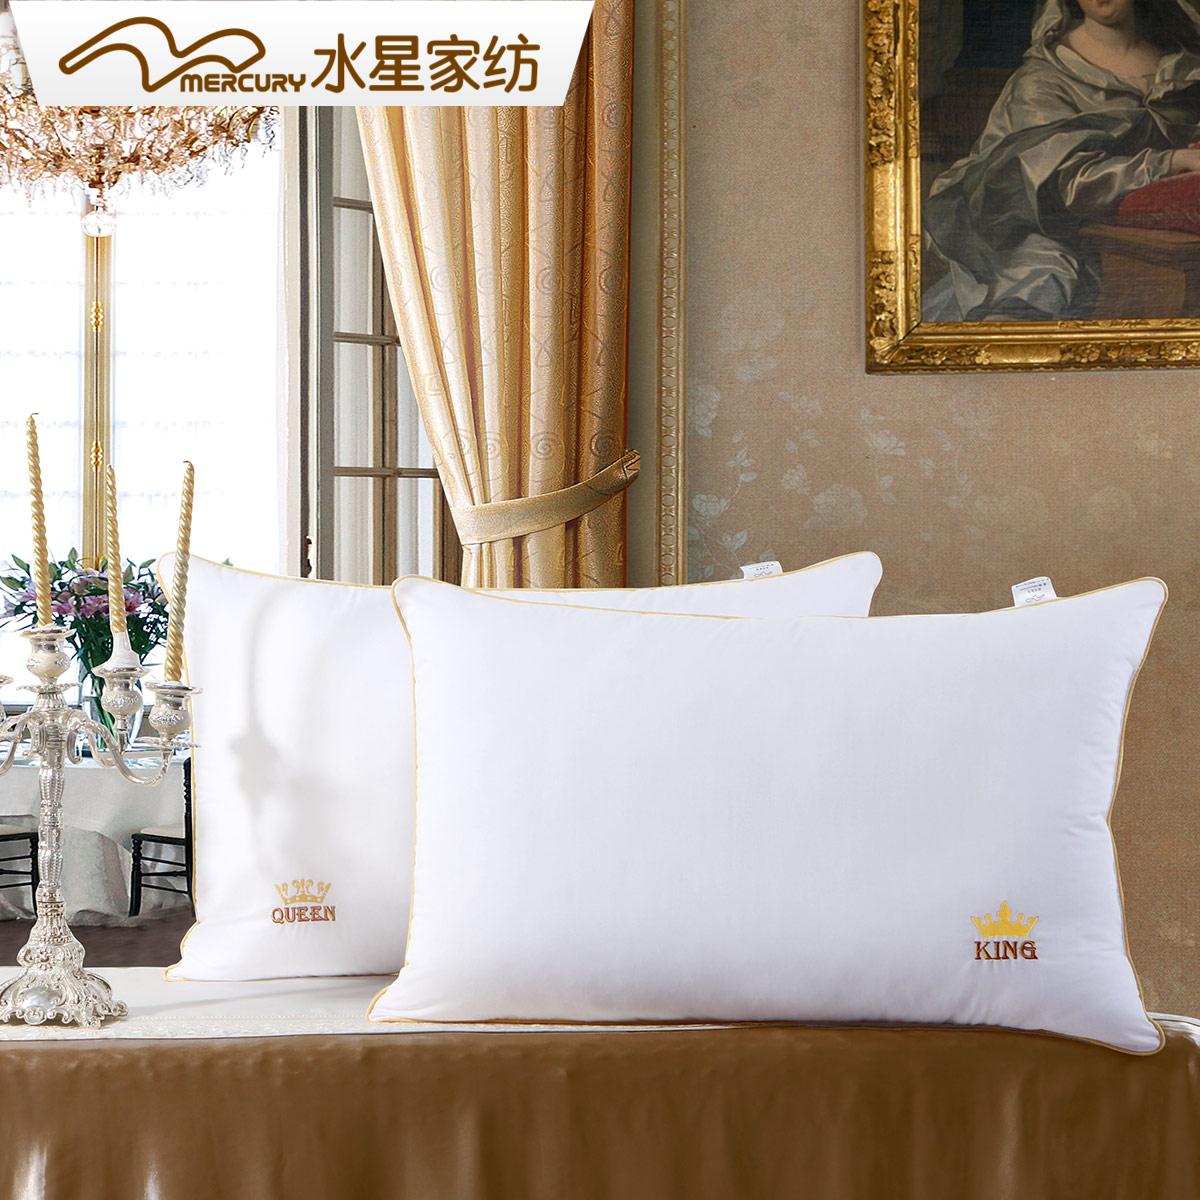 水星家纺枕头枕芯一对装正品成人情侣结婚枕芯单人学生宿舍枕芯